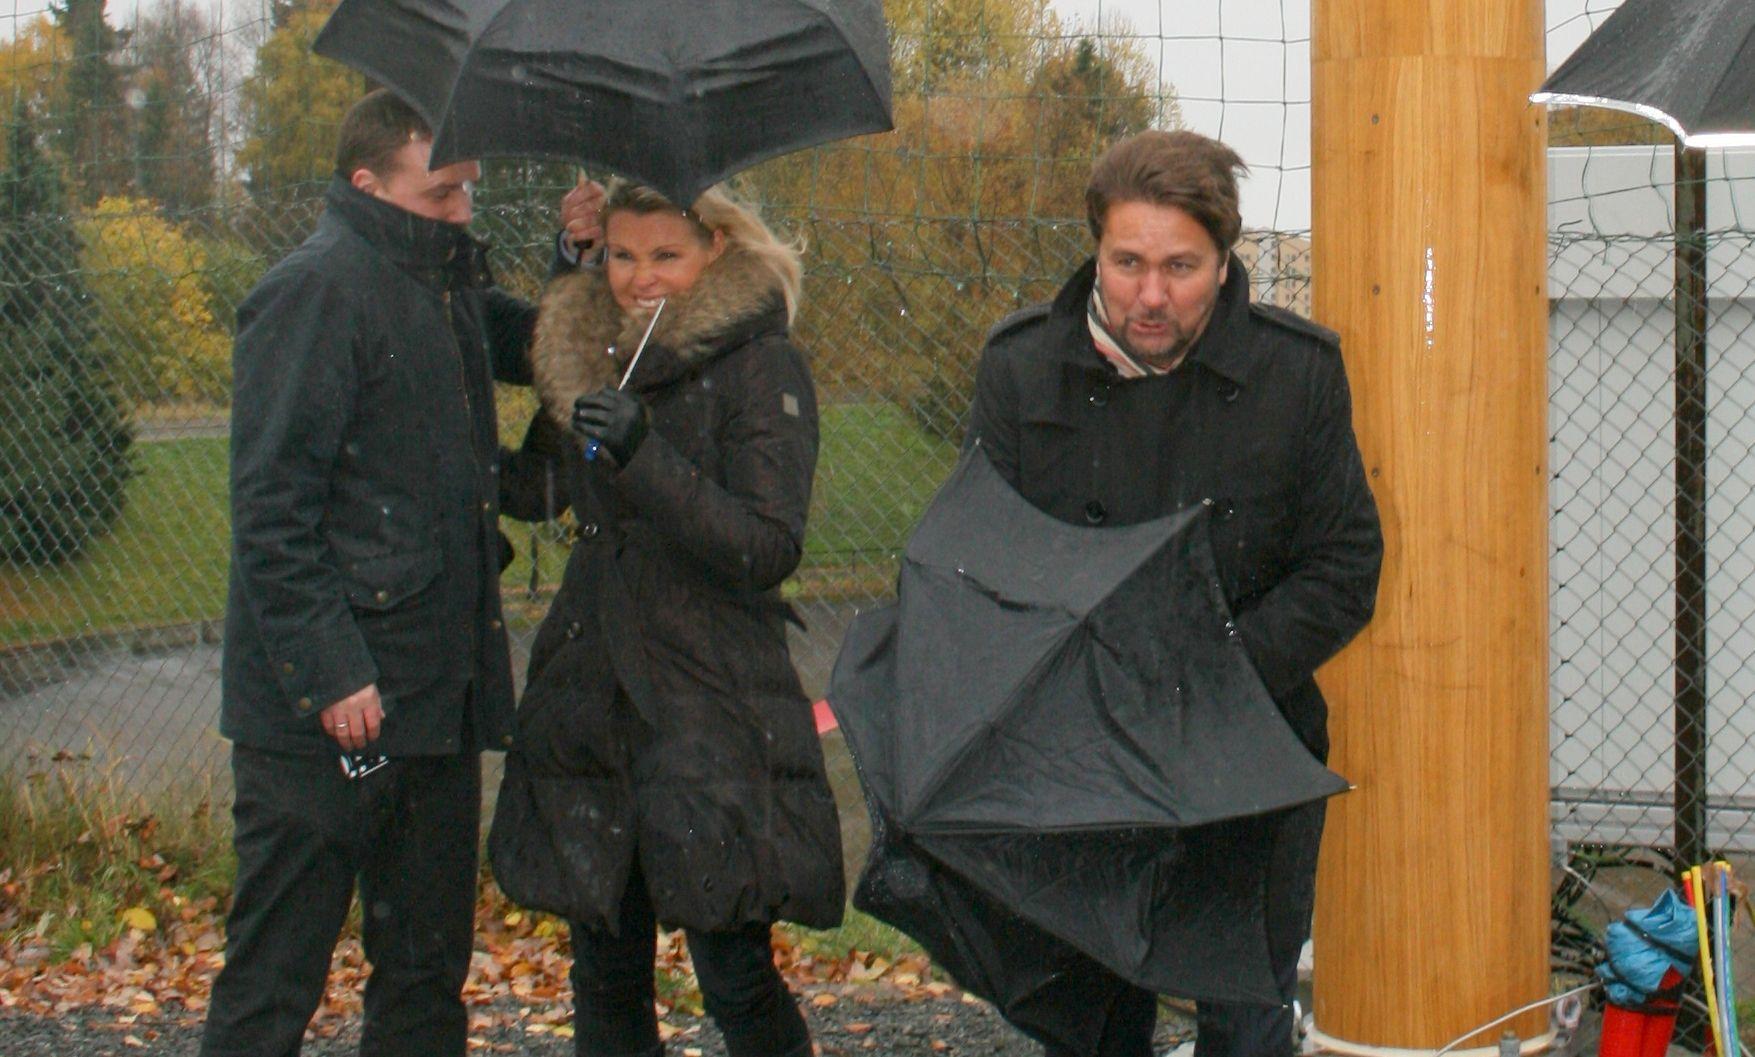 Det blåste friskt da Tele2 avduket sin basestasjon nr 2000 i oktober. Det har ikke blitt roligere rundt selskapet siden.Foto: Ida Oftebro/Mobilen.no